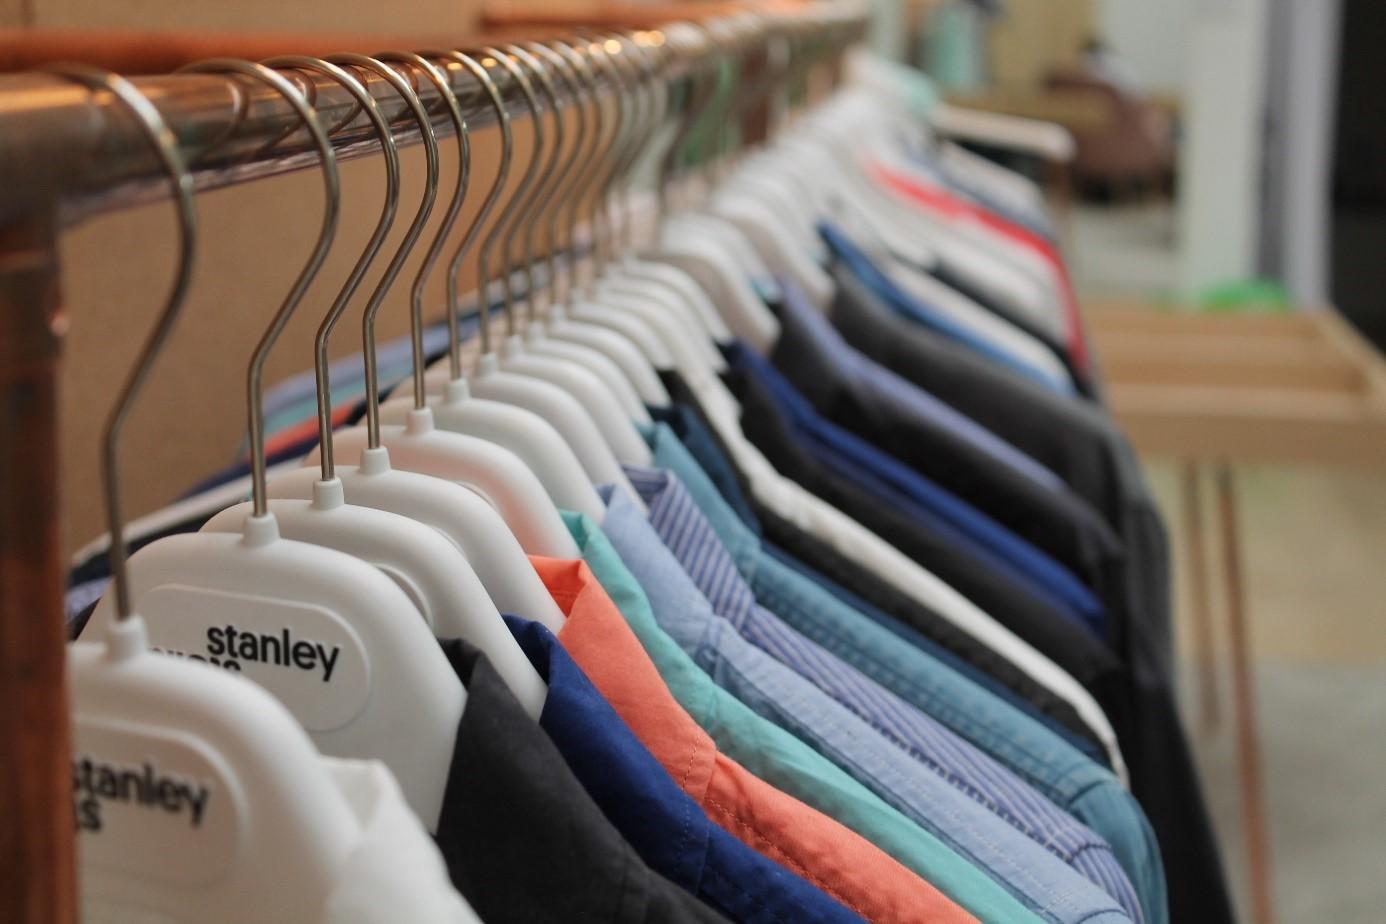 Grâce à l'utilisation intelligente de logiciels du cloud, les fournisseurs, les salariés et même les clients ont accès à des informations concernant les vêtements de la marque Stanley & Stella.